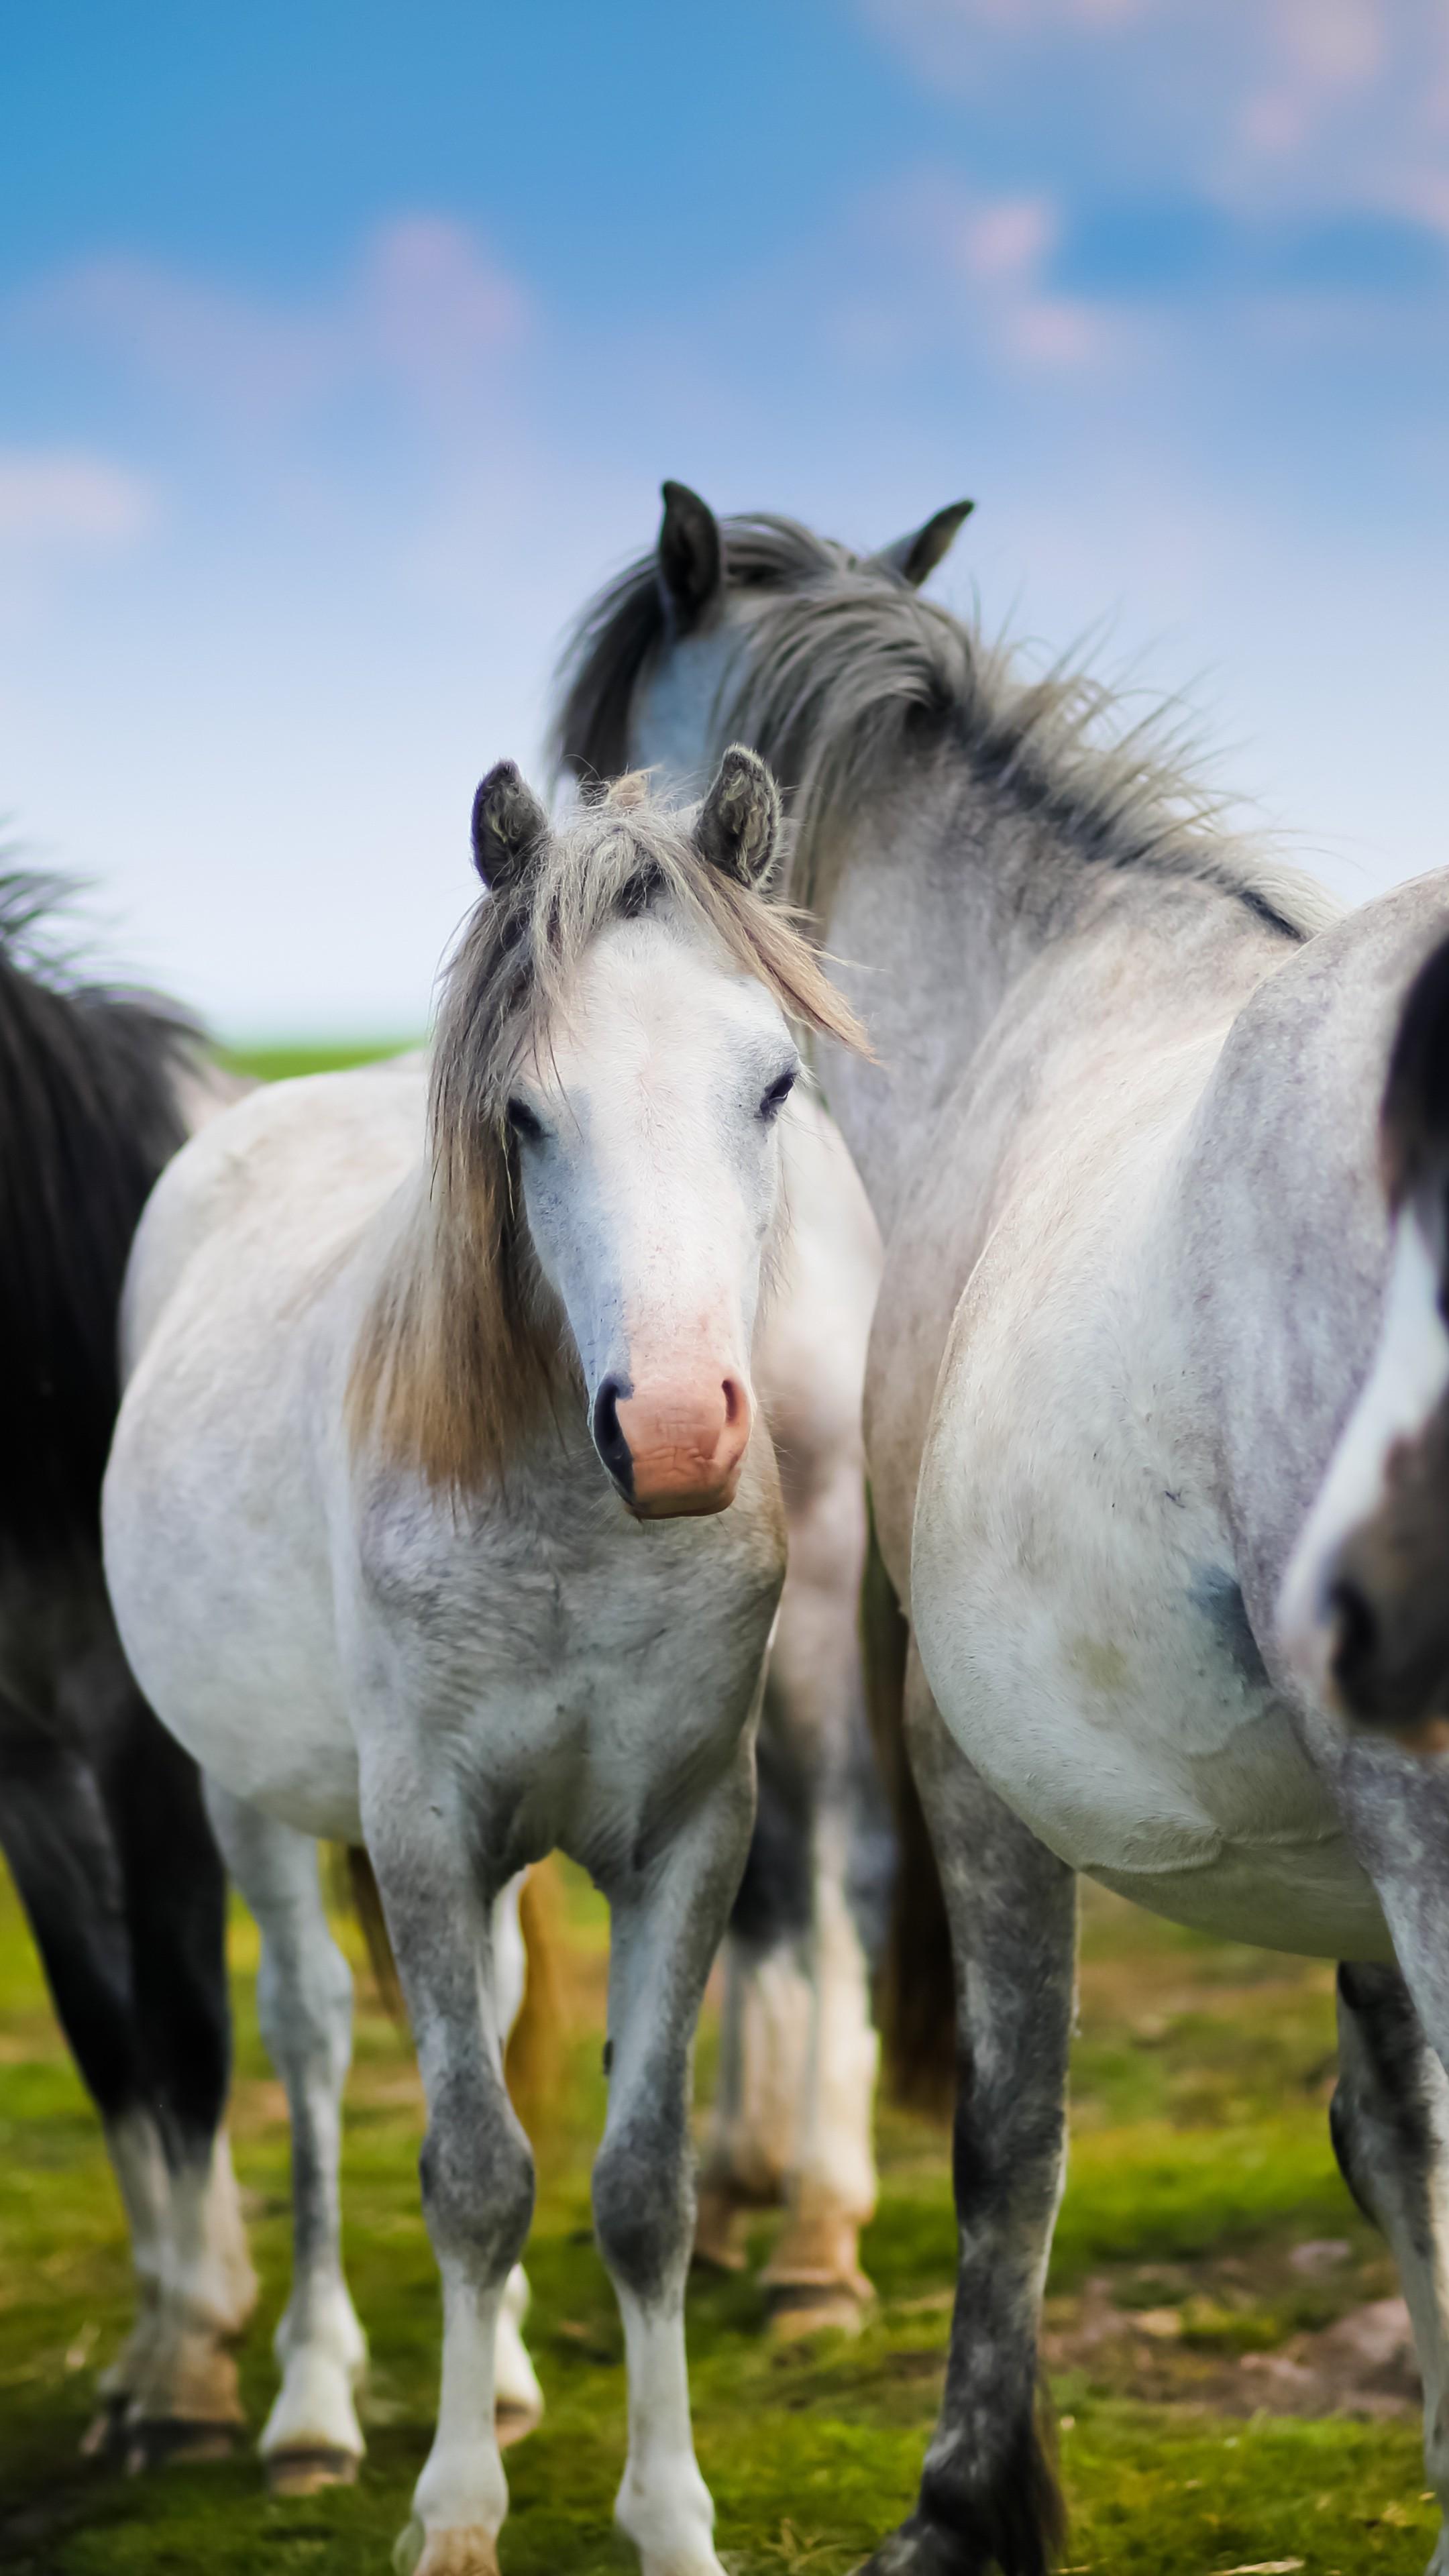 Wallpaper Horses Meadow Animals 12605